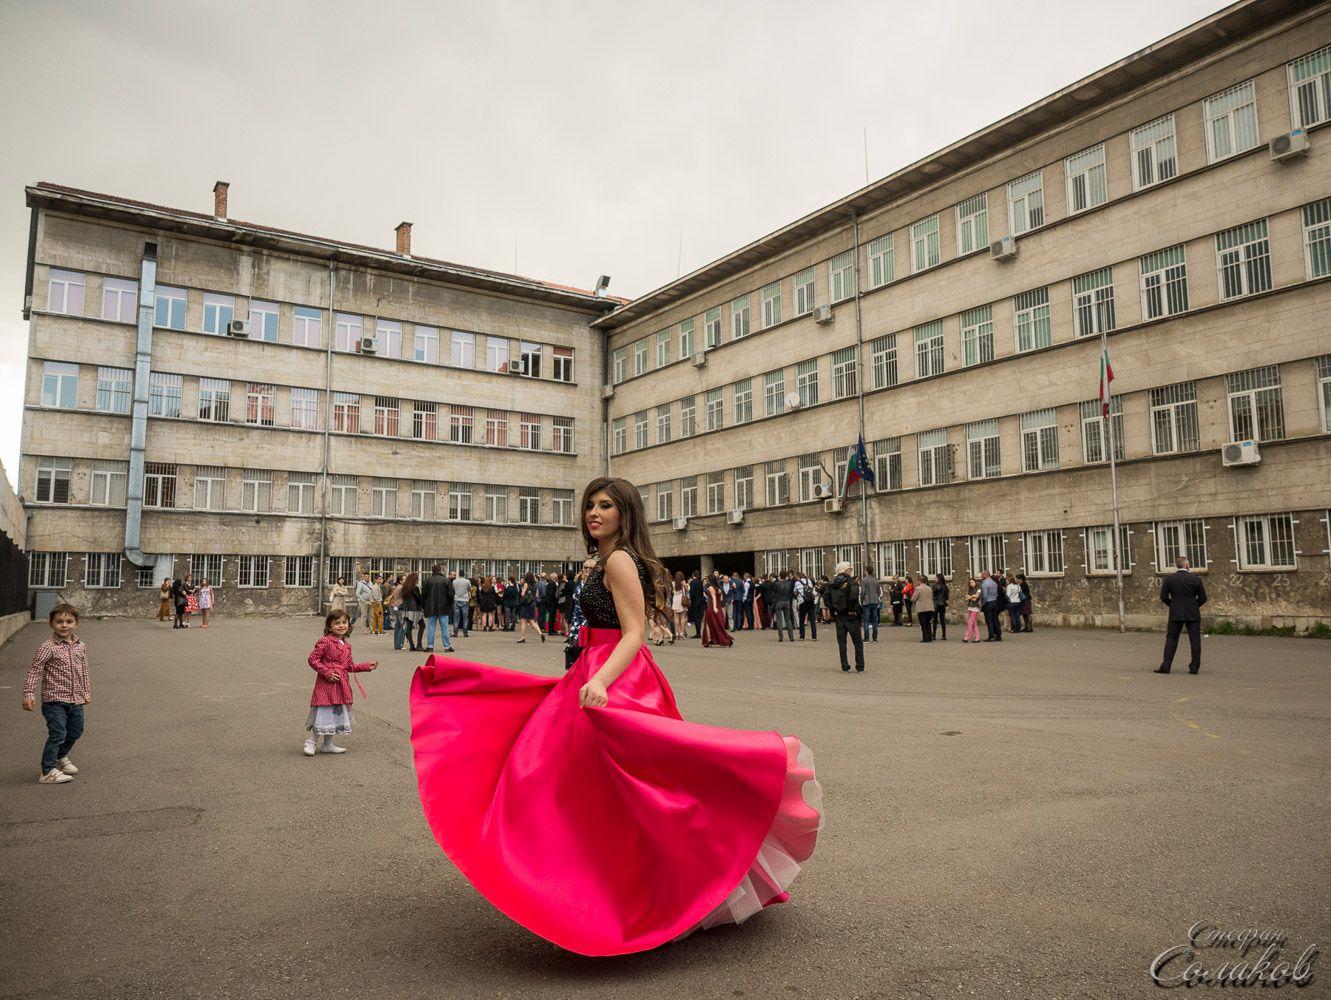 Abiturientski-bal-portretna-fotografia-sofia-467